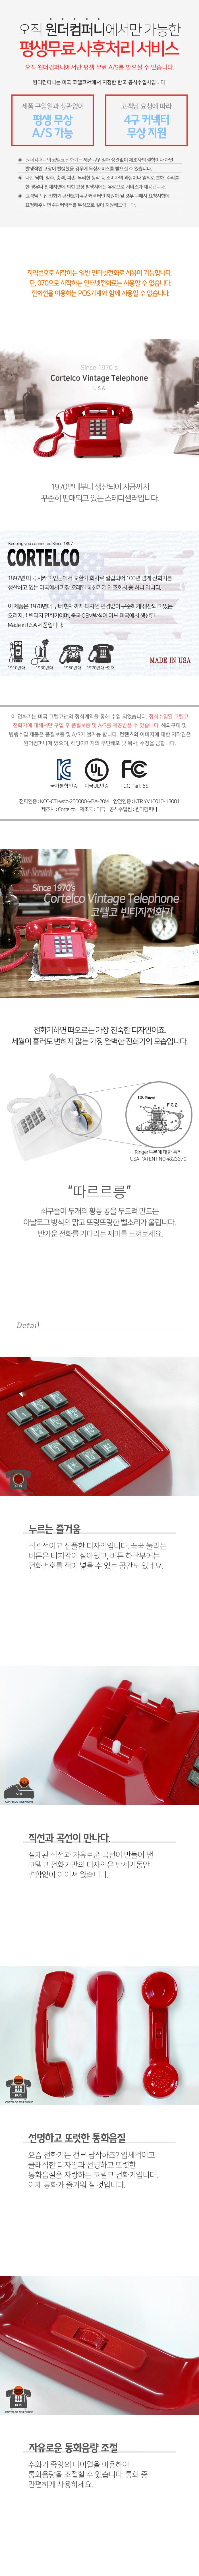 코텔코 Made in USA 빈티지 데스크 유선전화기 레드 - 원더스토어, 138,000원, 인테리어전화기, 데스크용